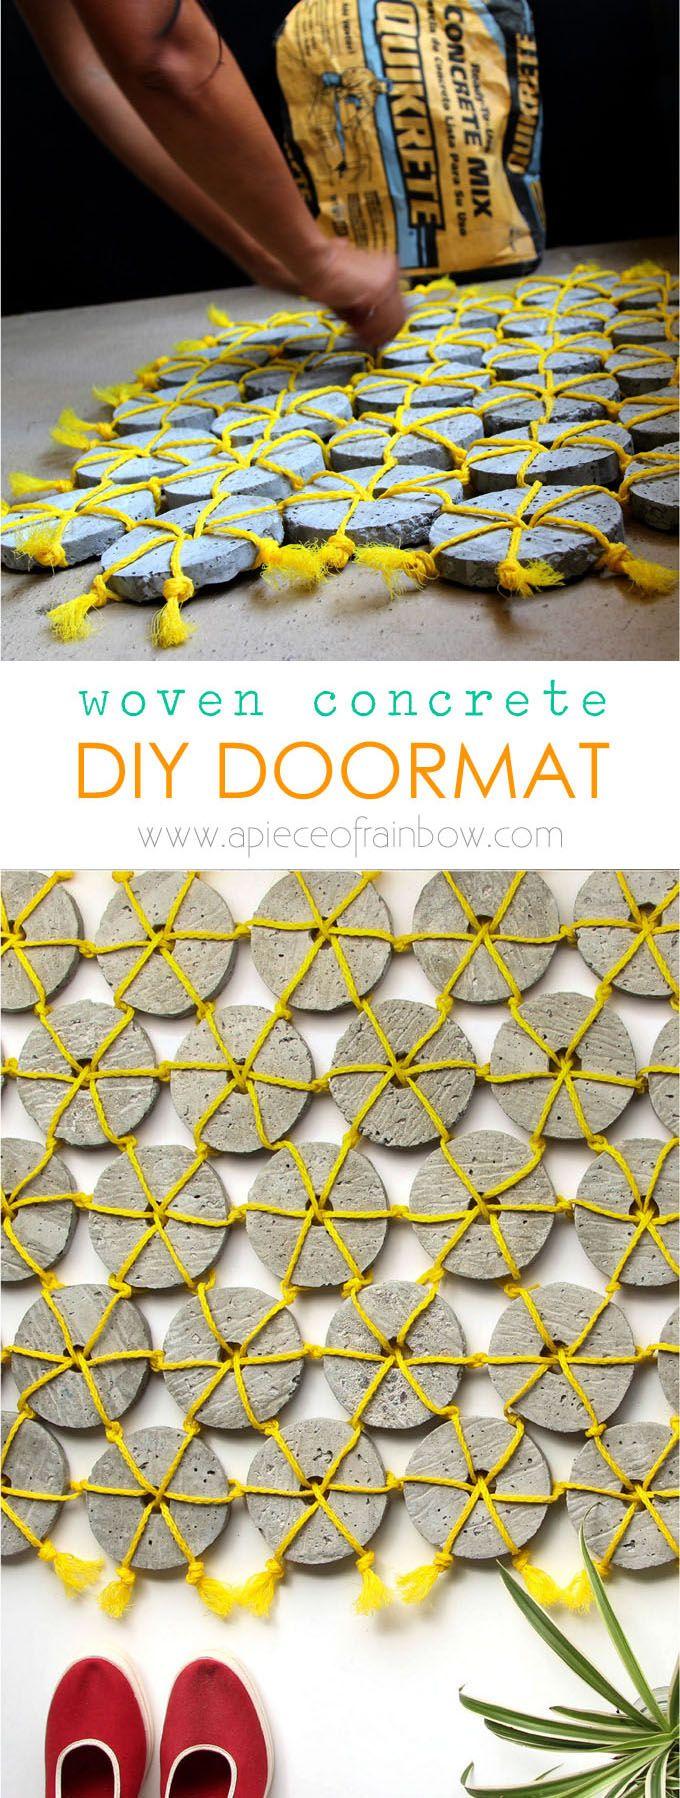 DIY Woven Concrete Doormat - Page 2 of 2